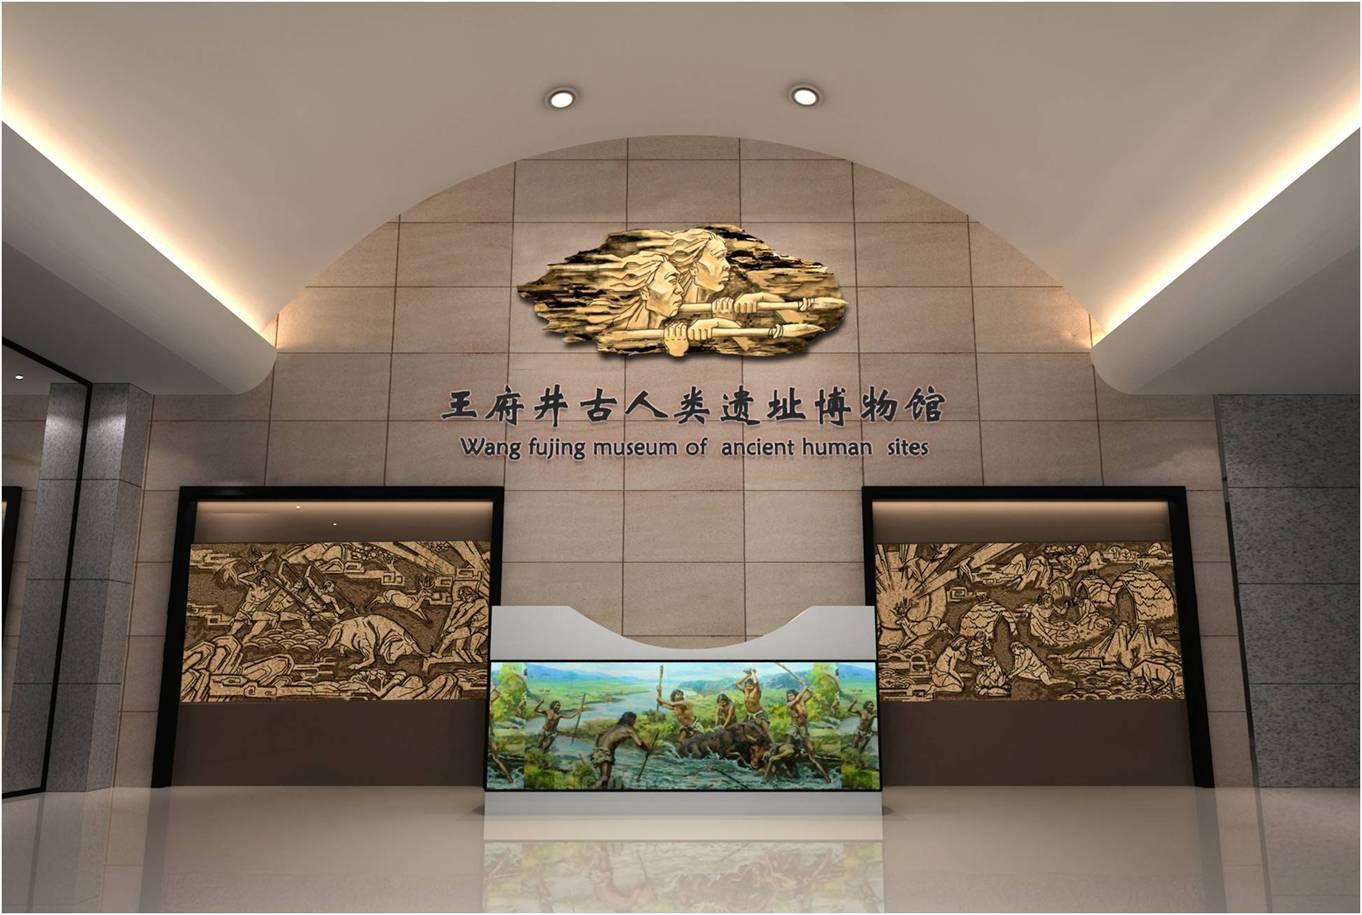 探寻远古人类遗存,体验祖先美好家园——北京王府井古人类文化遗址博物馆